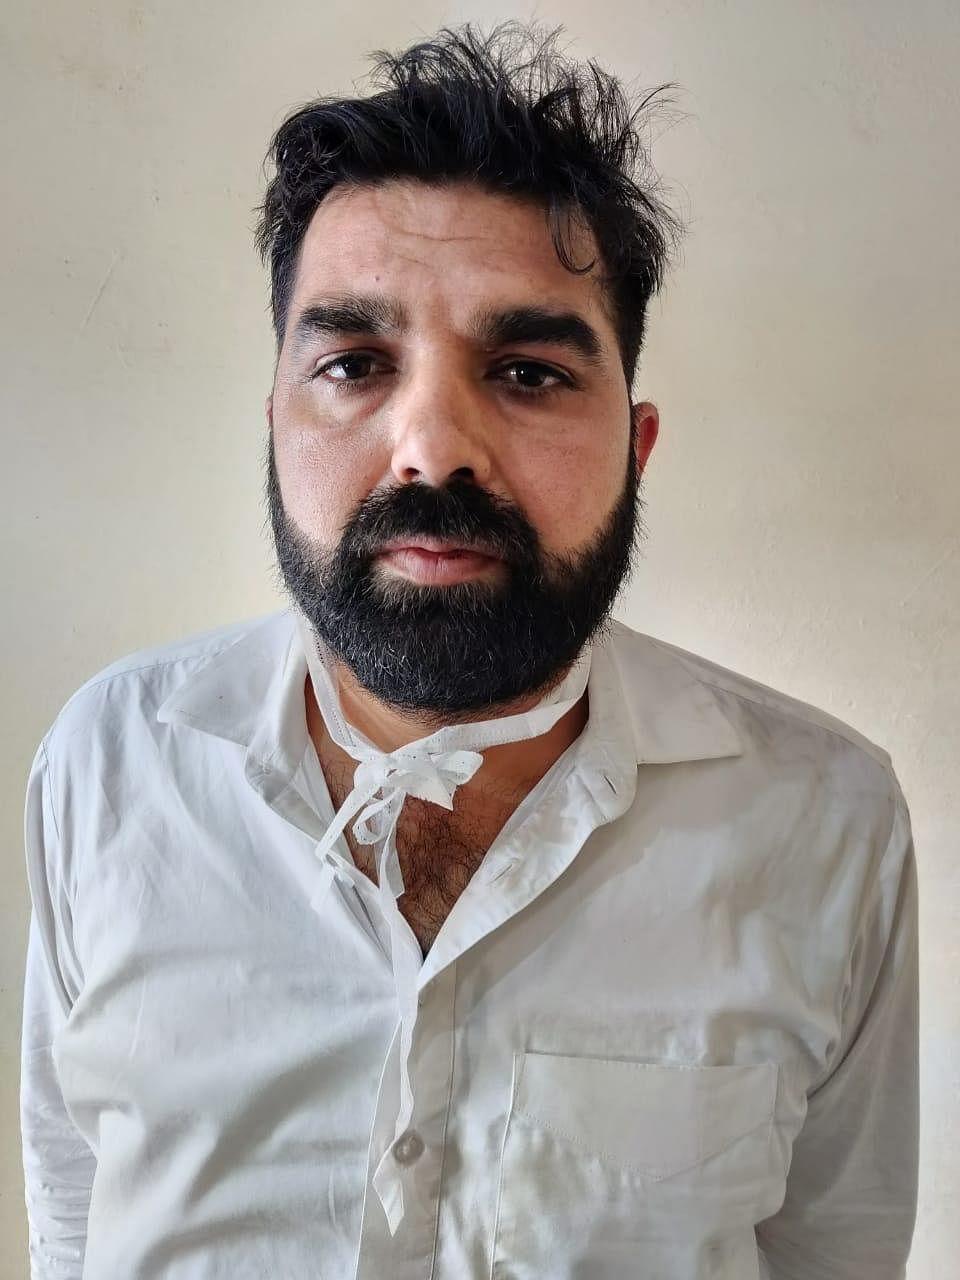 पाकिस्तान से तस्करी कर लाई गई हेरोईन का वांछित अपराधी गिरफ्तार